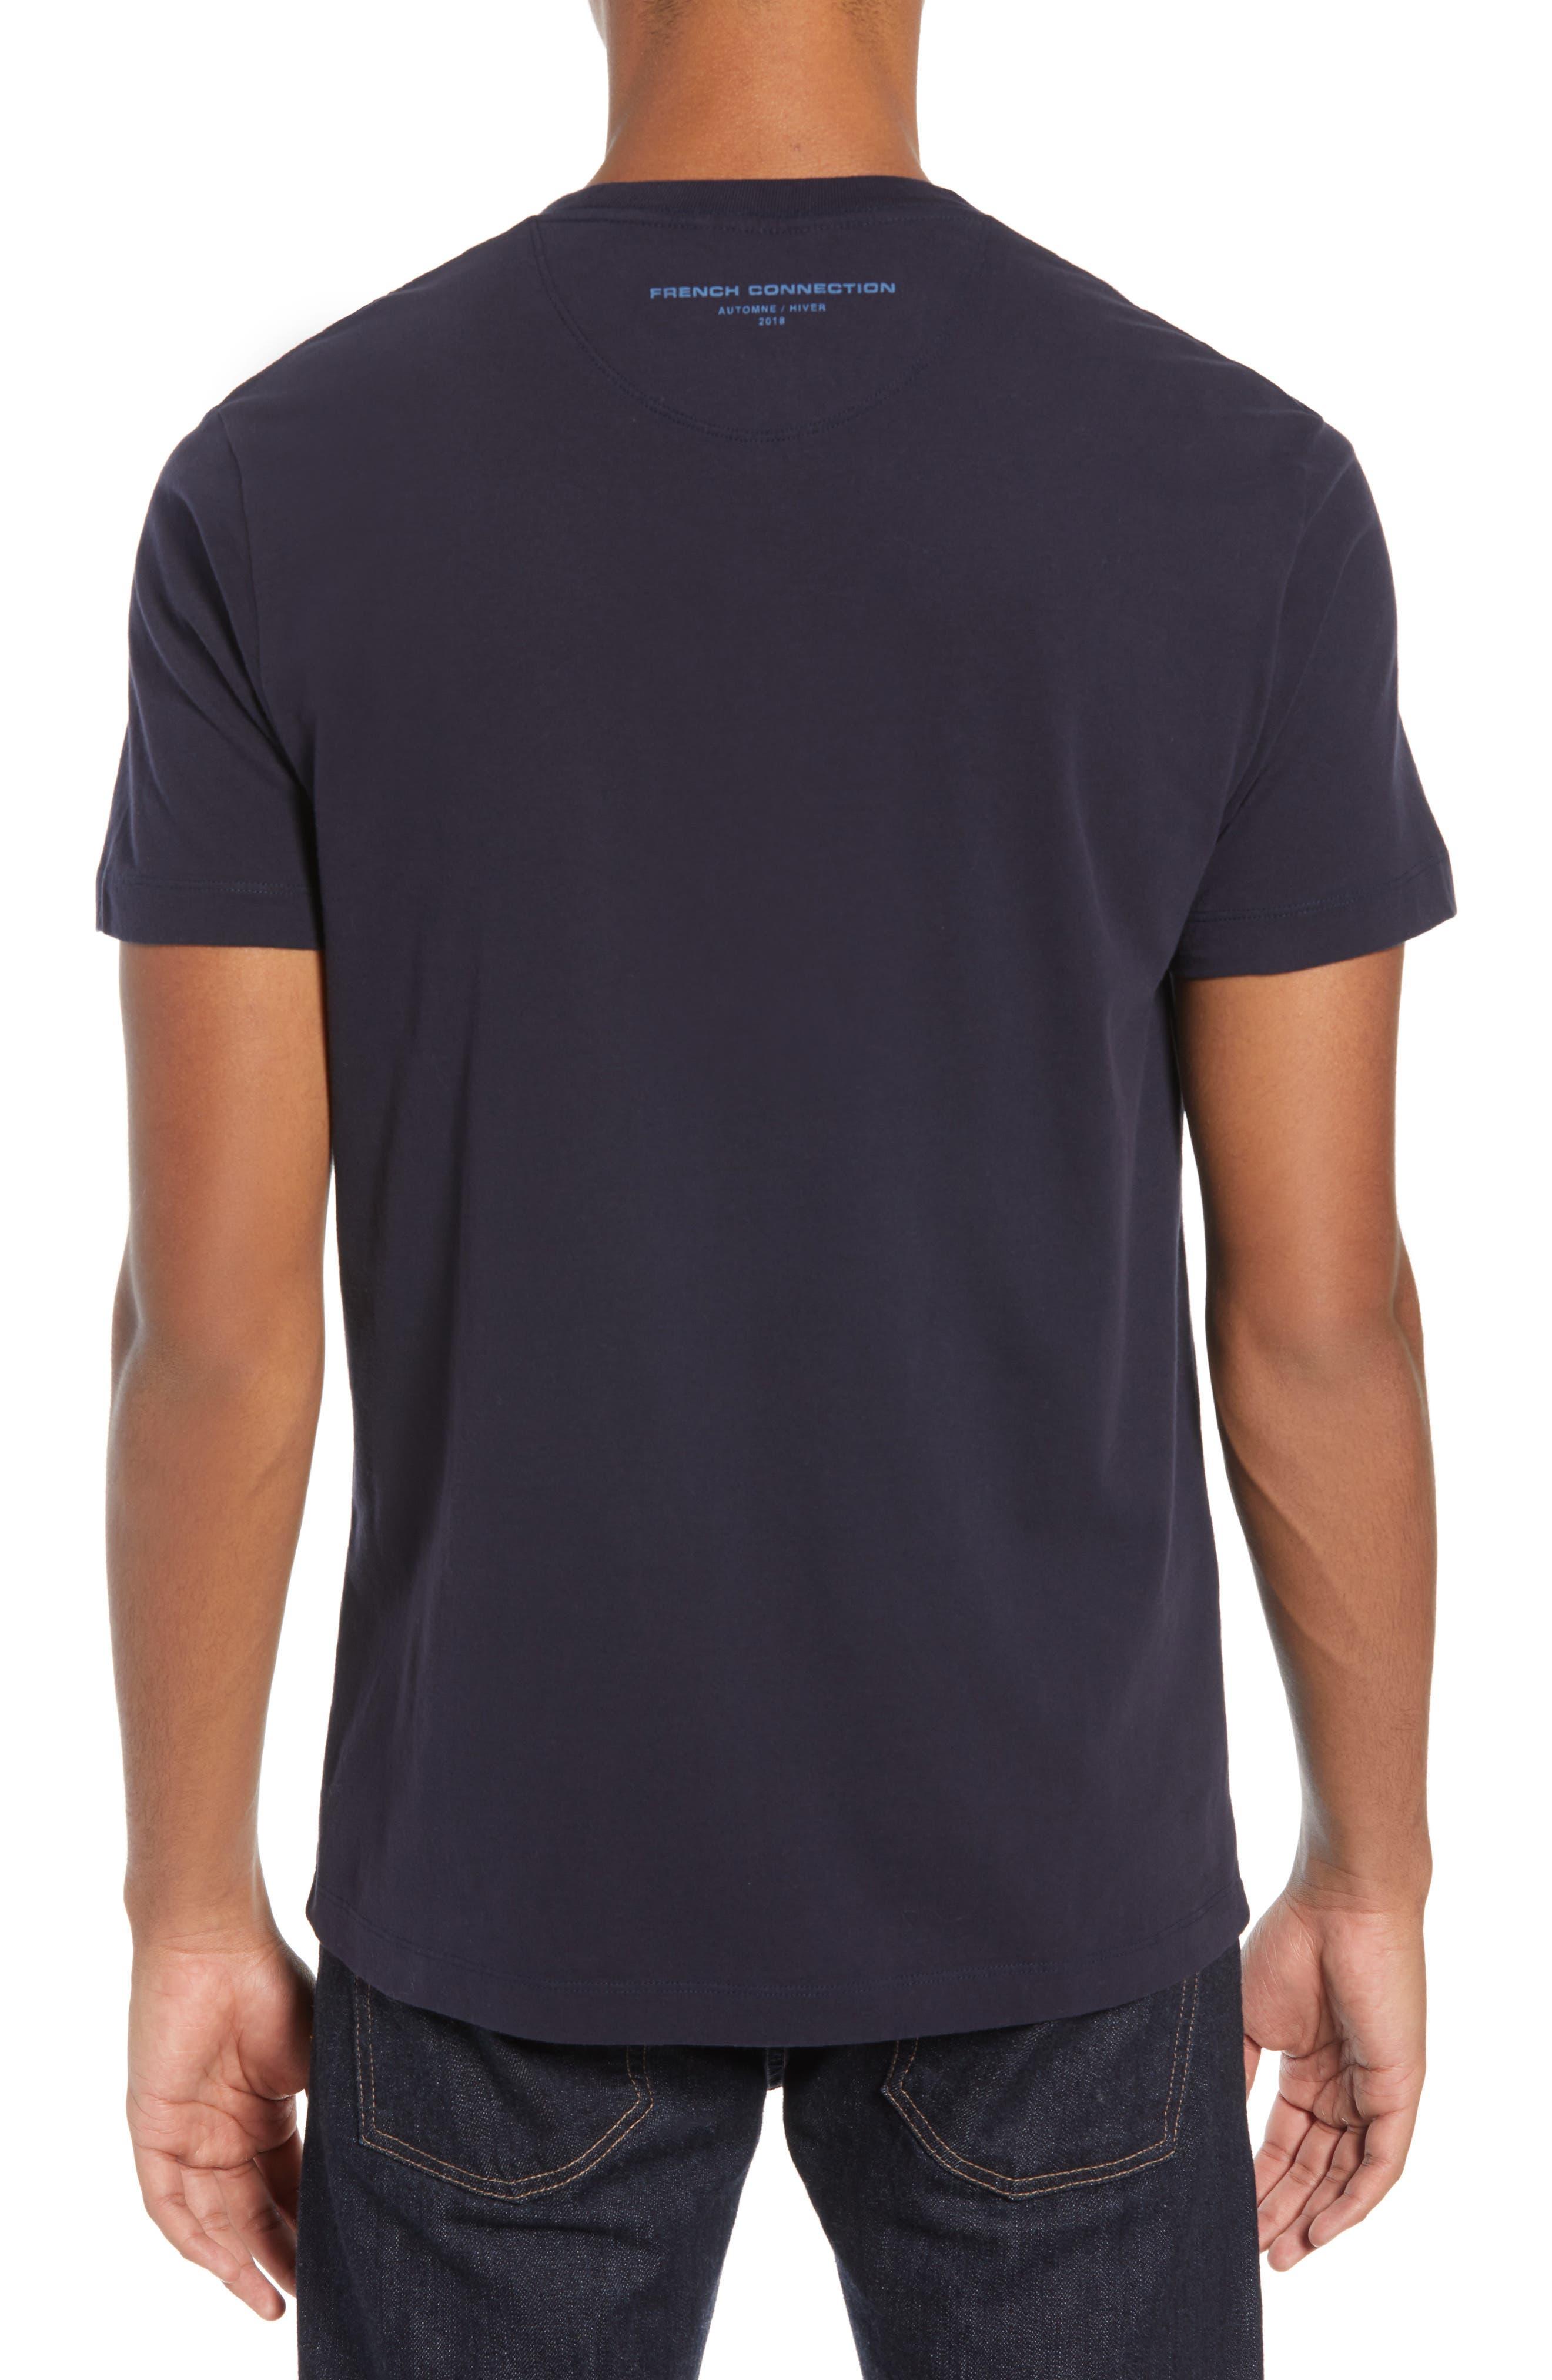 Decks Regular Fit Cotton T-Shirt,                             Alternate thumbnail 2, color,                             UTILITY BLUE BLACK